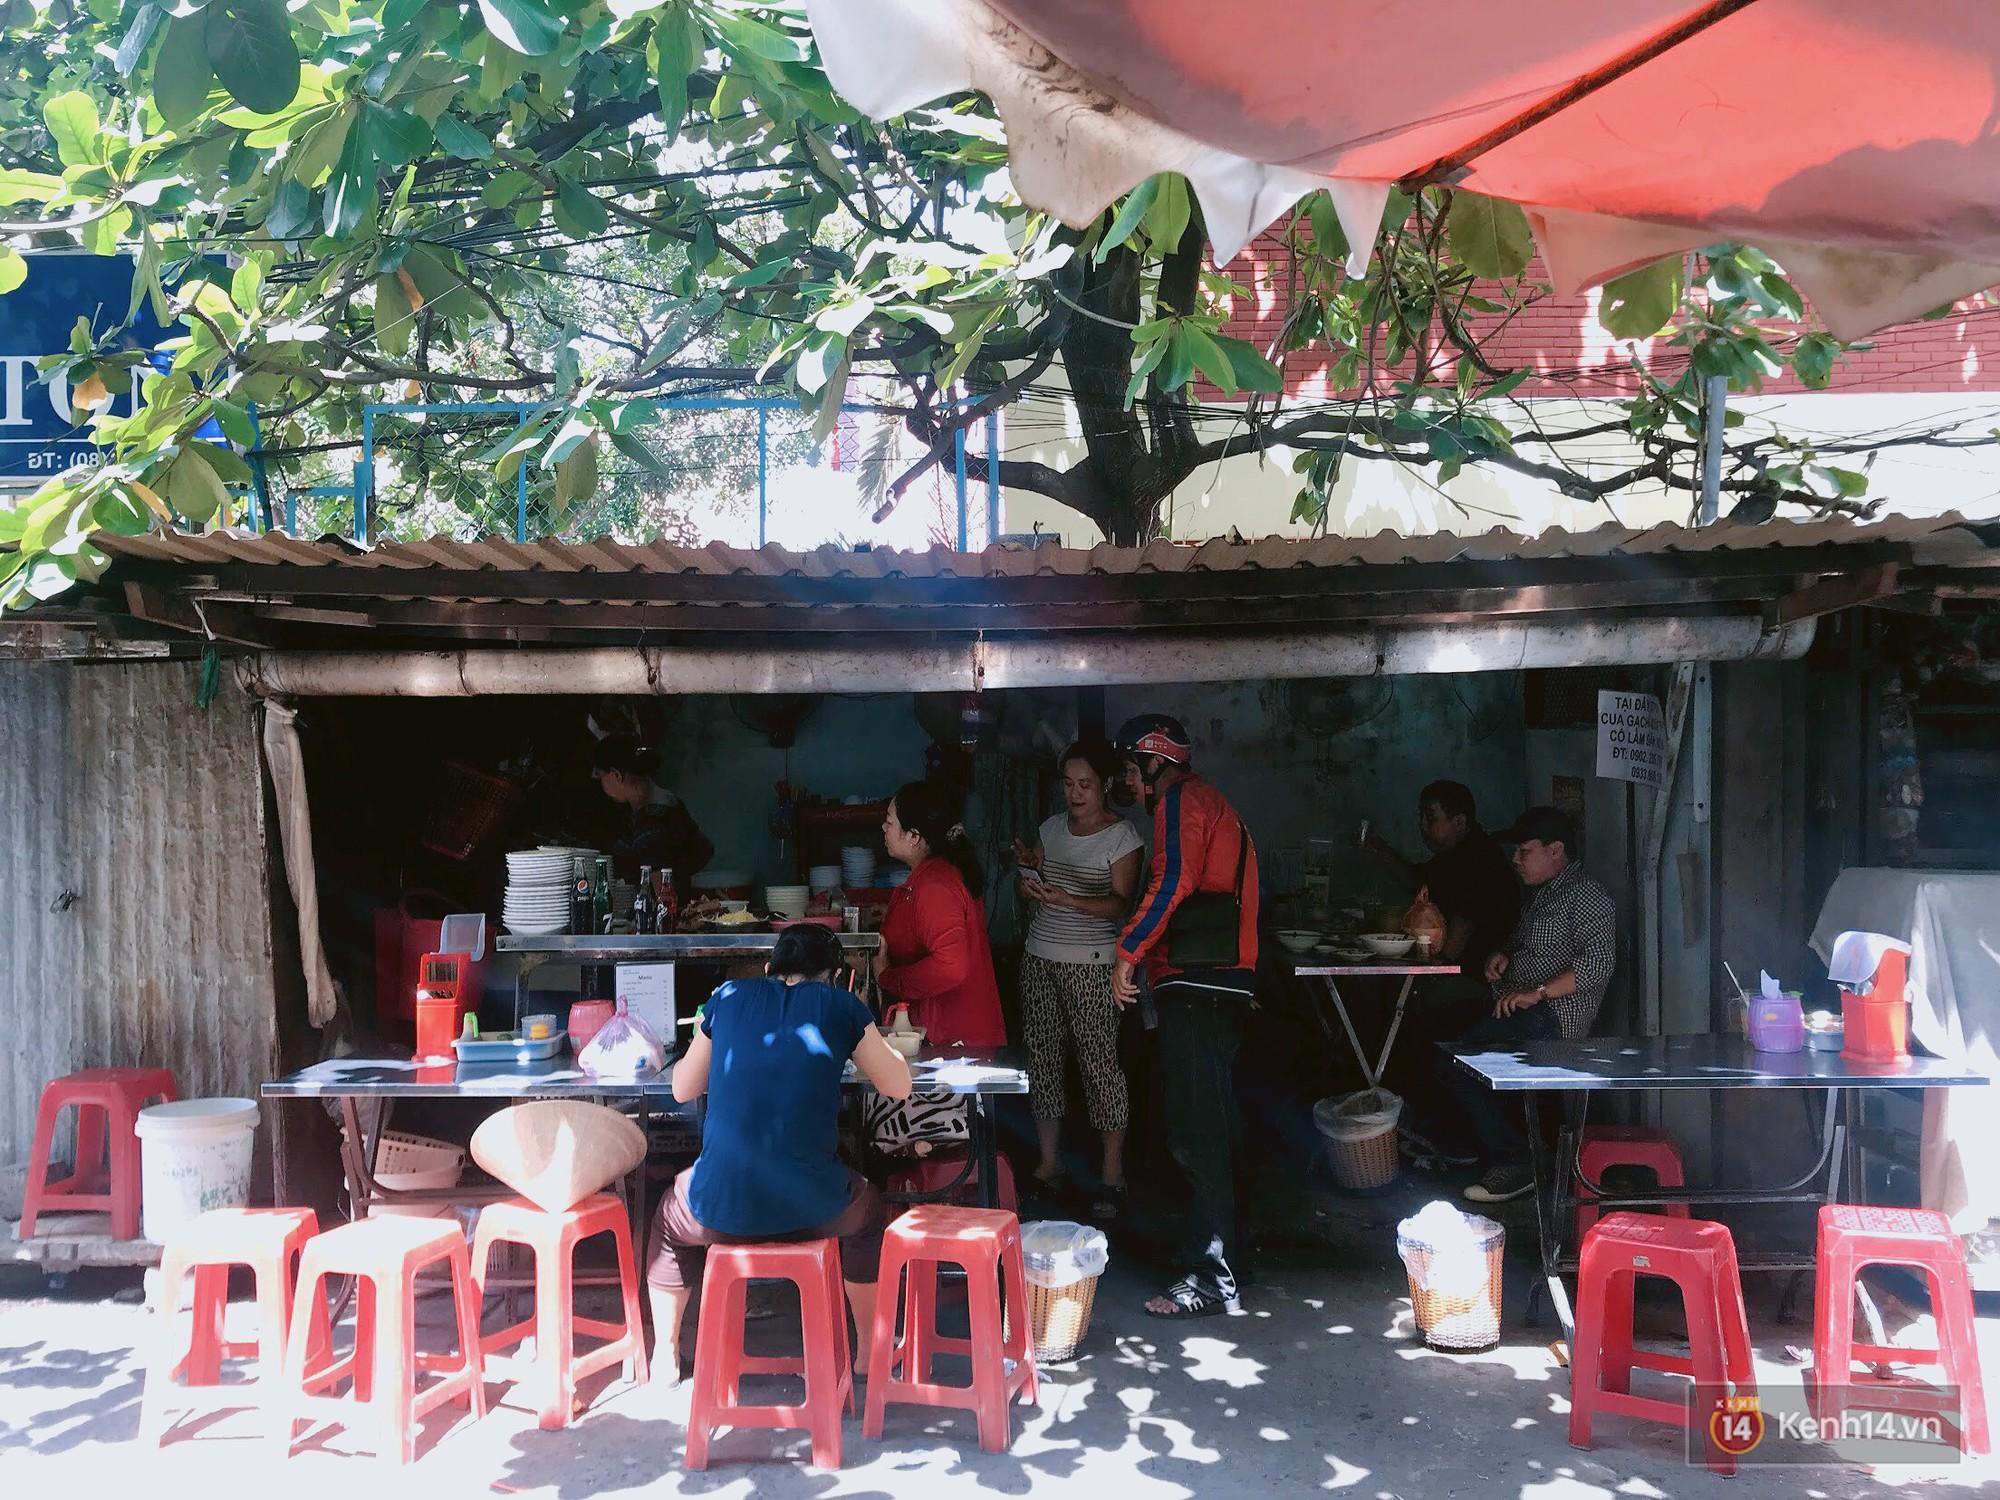 Nếm vị thời gian của một Sài Gòn bình dân ở quán cháo lòng 41 tuổi - Ảnh 2.